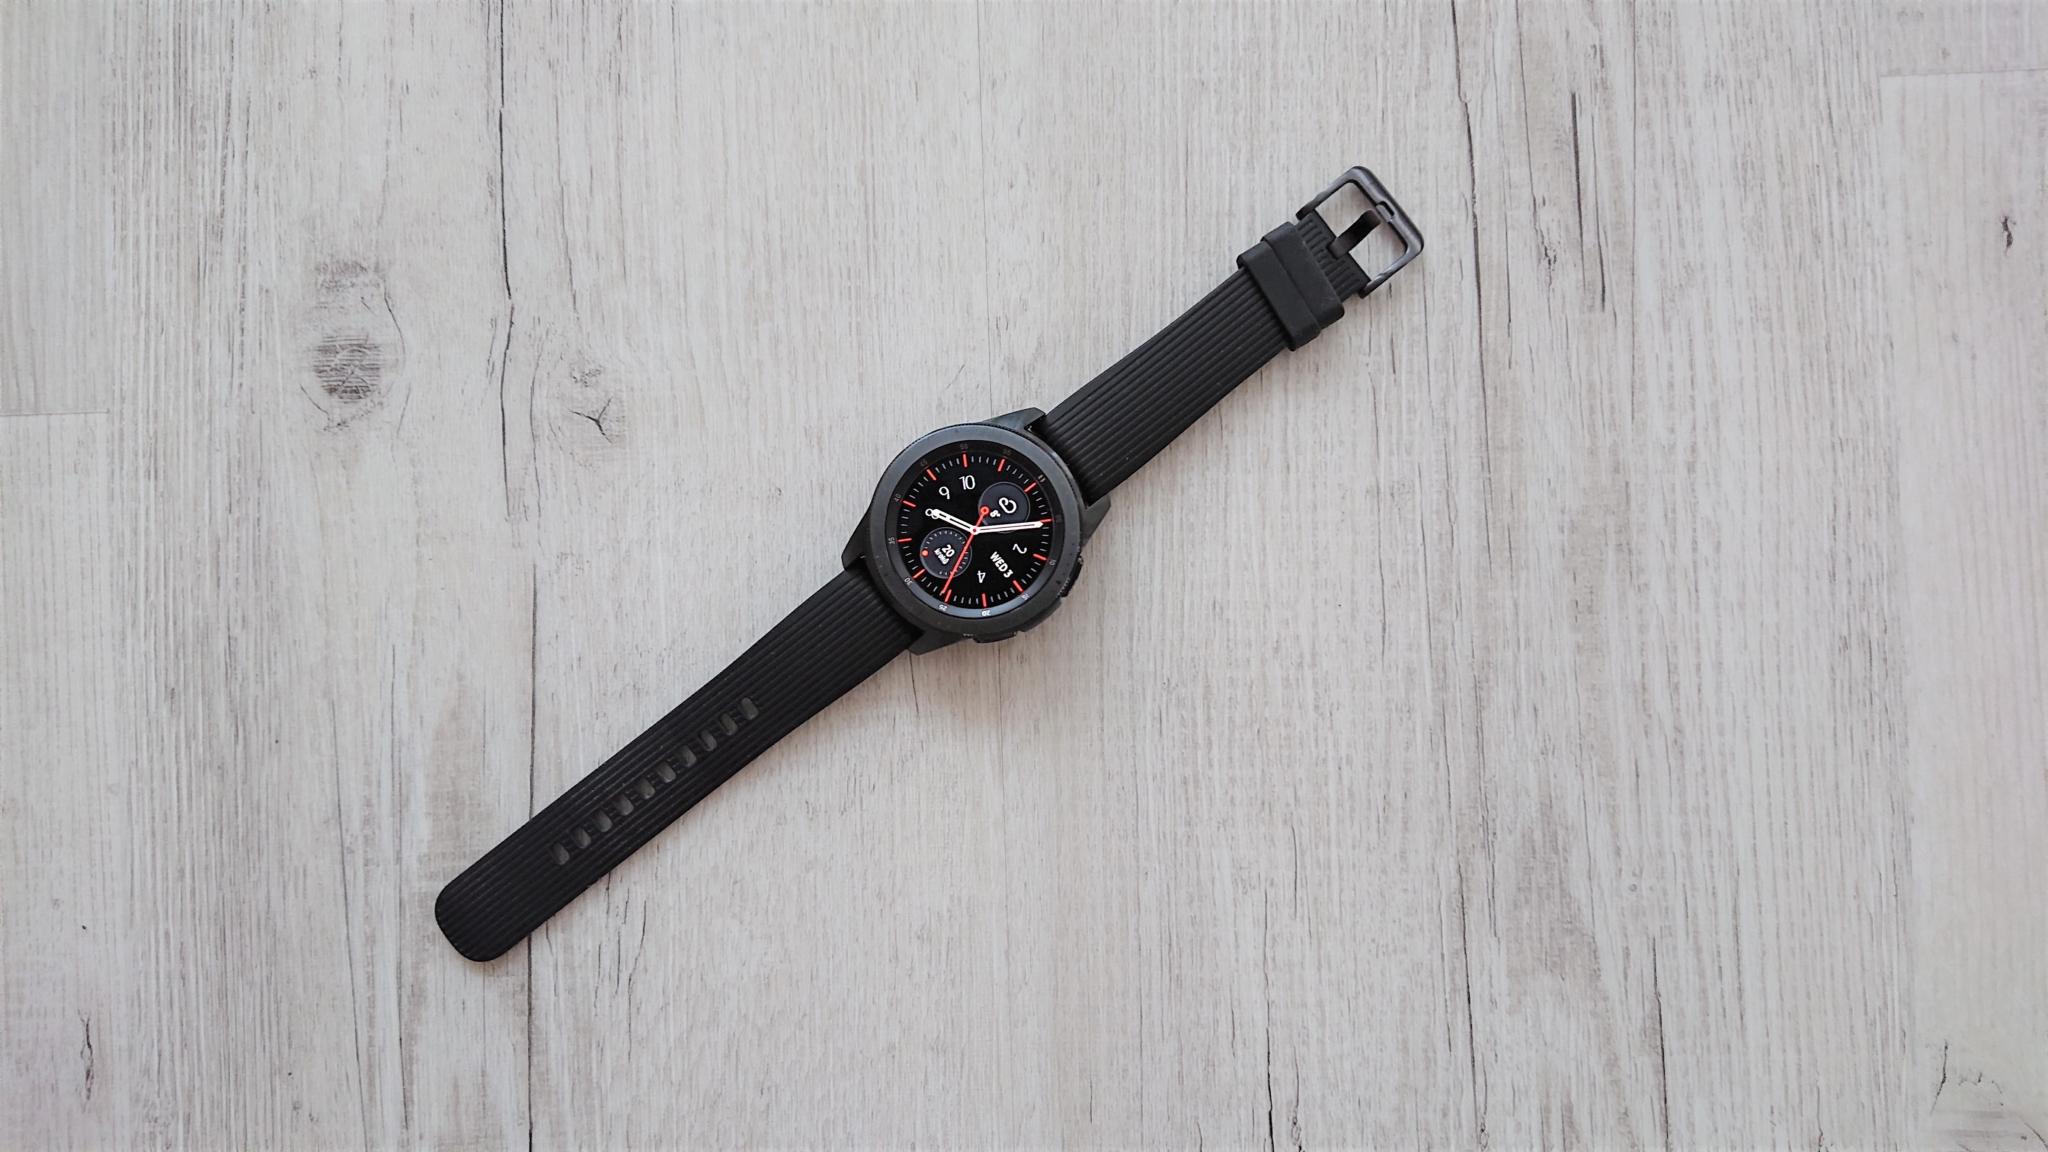 Samsung hodinky možná nabídnou měření tělesného tuku